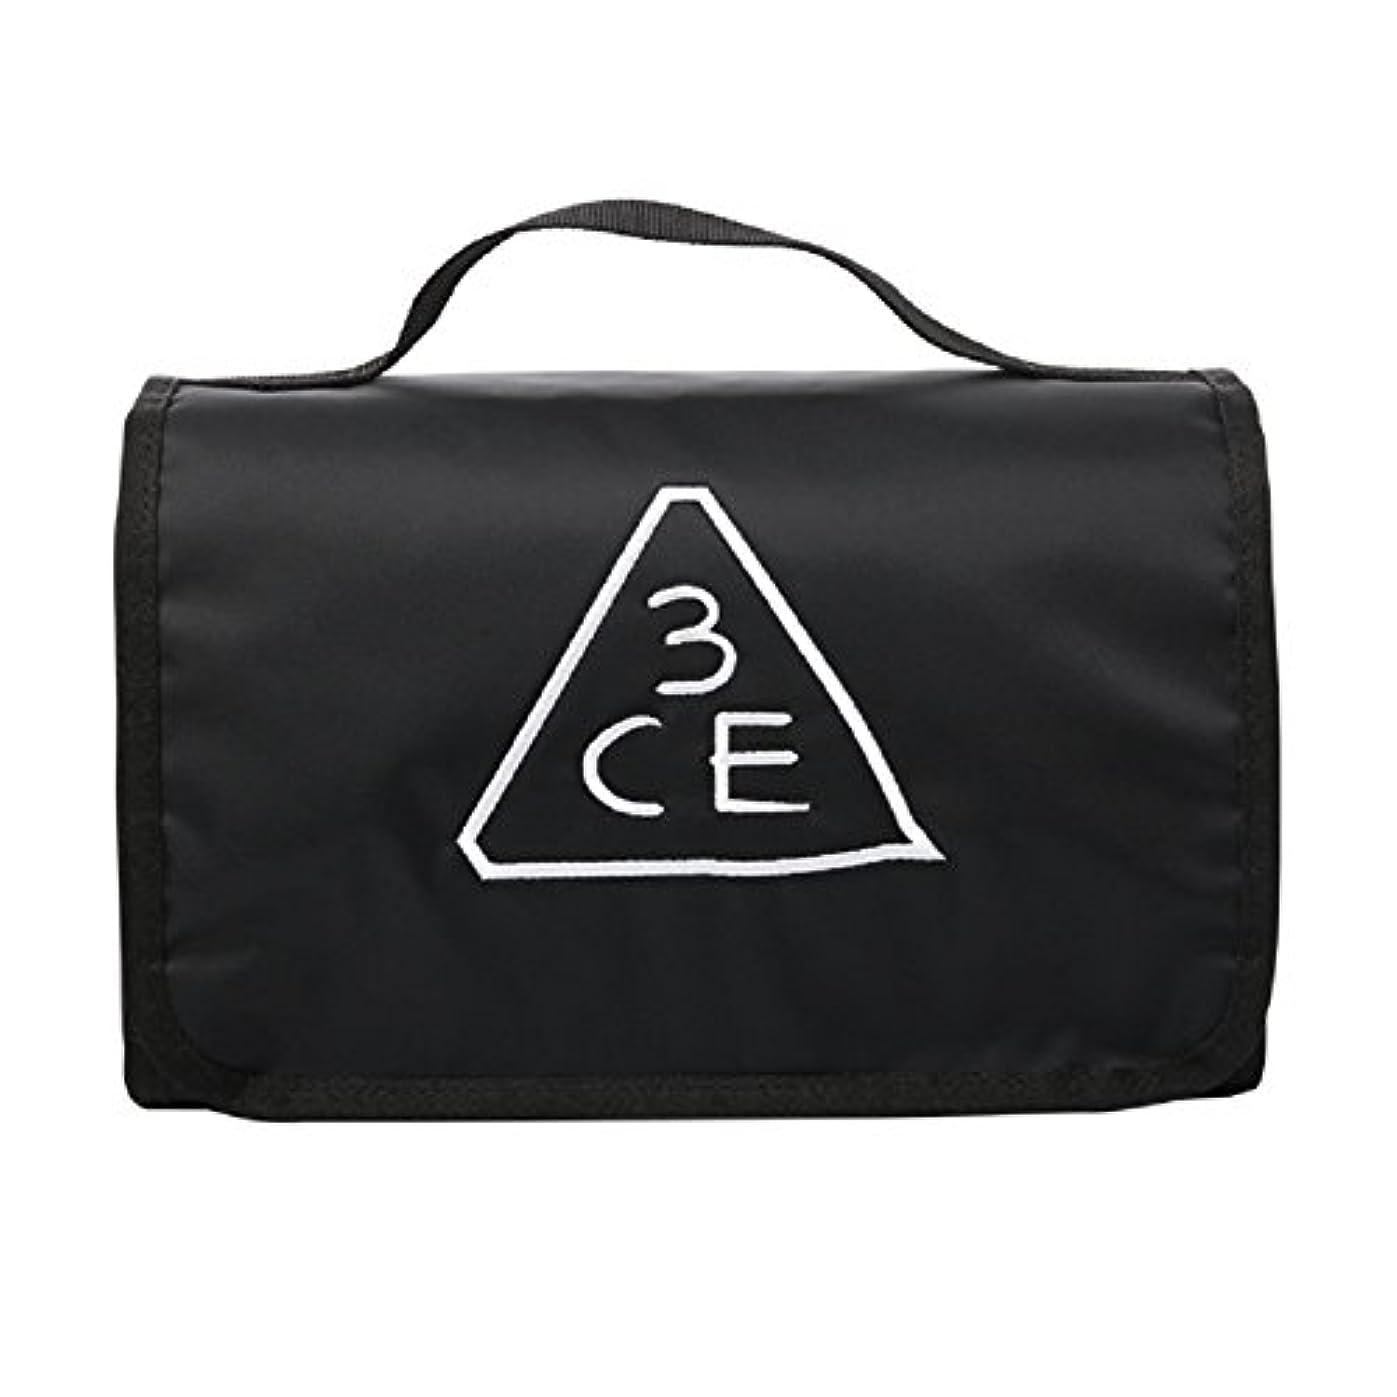 悲劇コカインミッション3CE(3 CONCEPT EYES) WASH BAG ワッシュバッグ BIG SIZE COSMETIC POUCH 大きなサイズの化粧品のポ BLACK FREE SIZE [韓国並行輸入品]